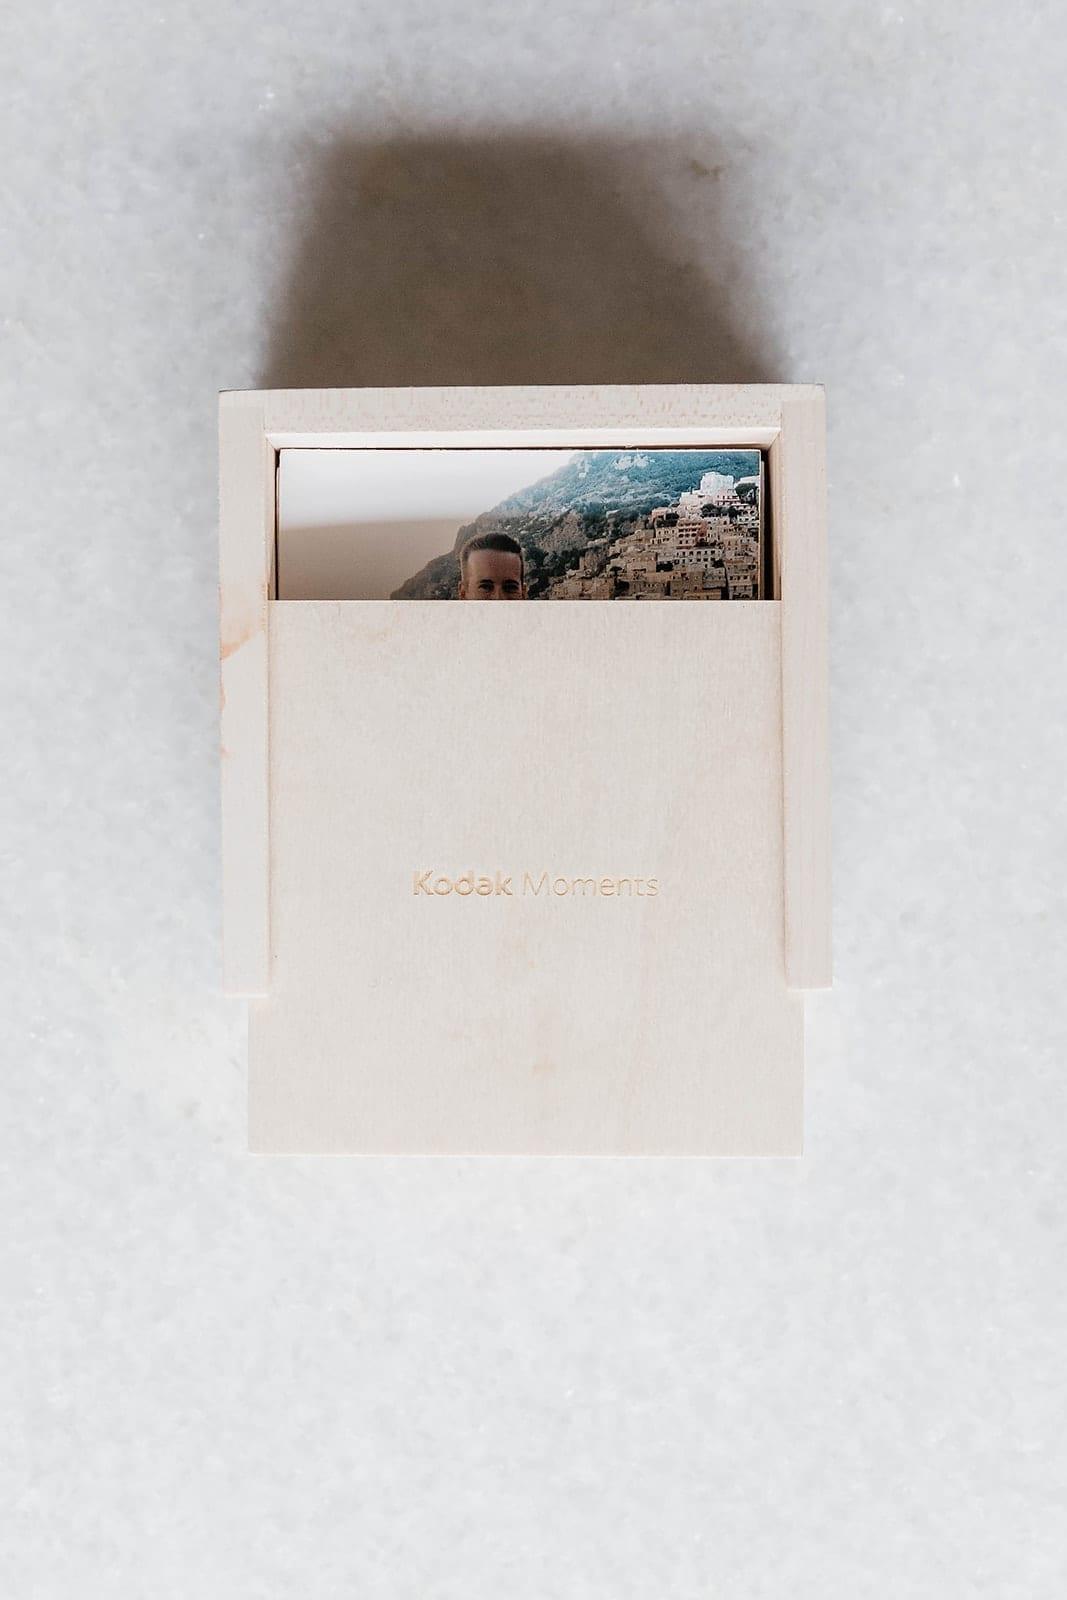 Kodak Moments Memory Box.